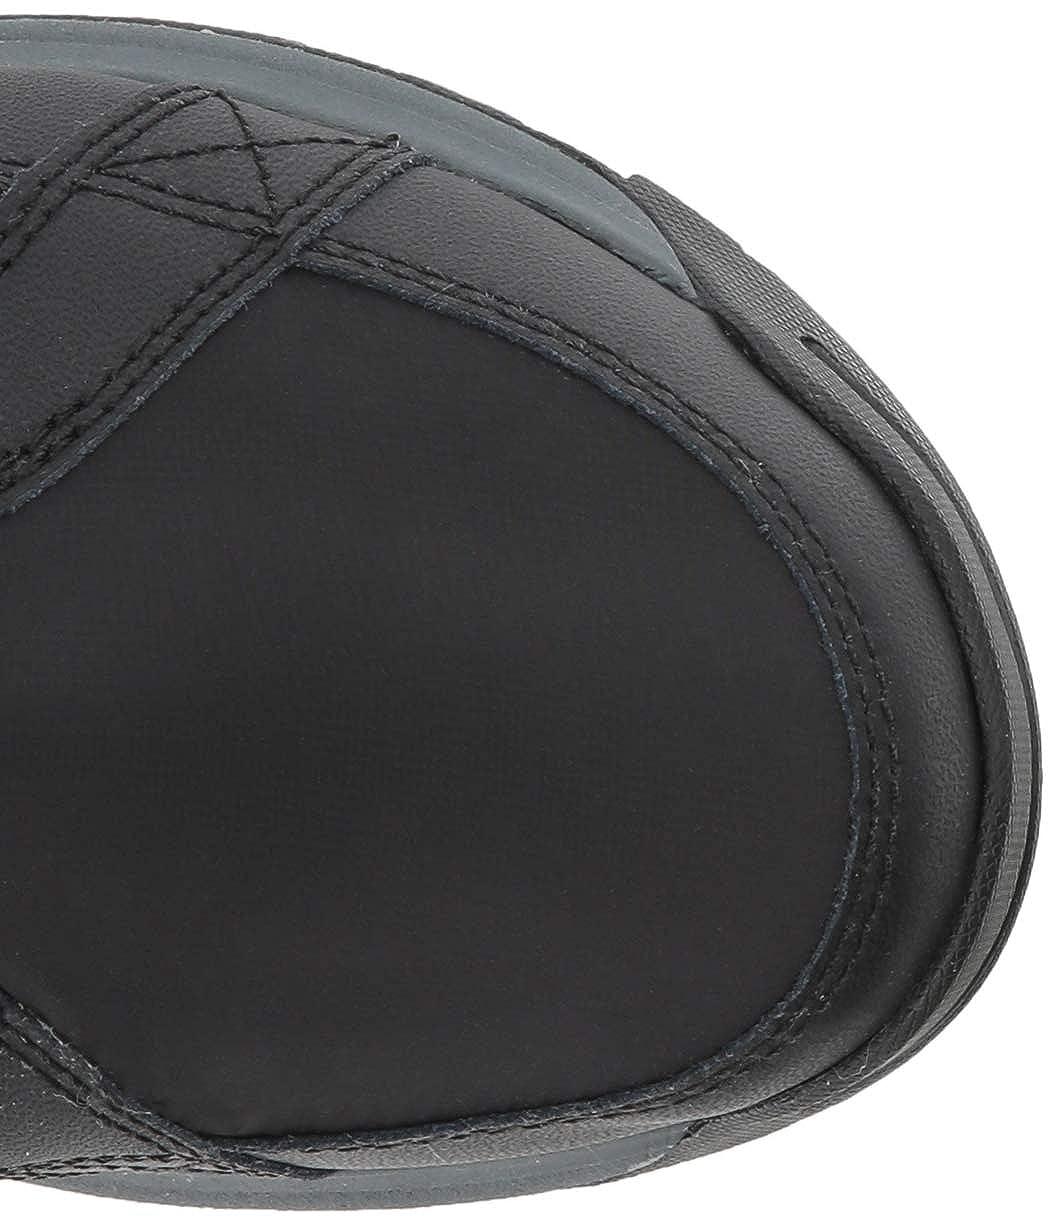 Columbia Damen Damen Damen Meadows Omni-Heat 3D Schneestiefel schwarz Steam d525fa